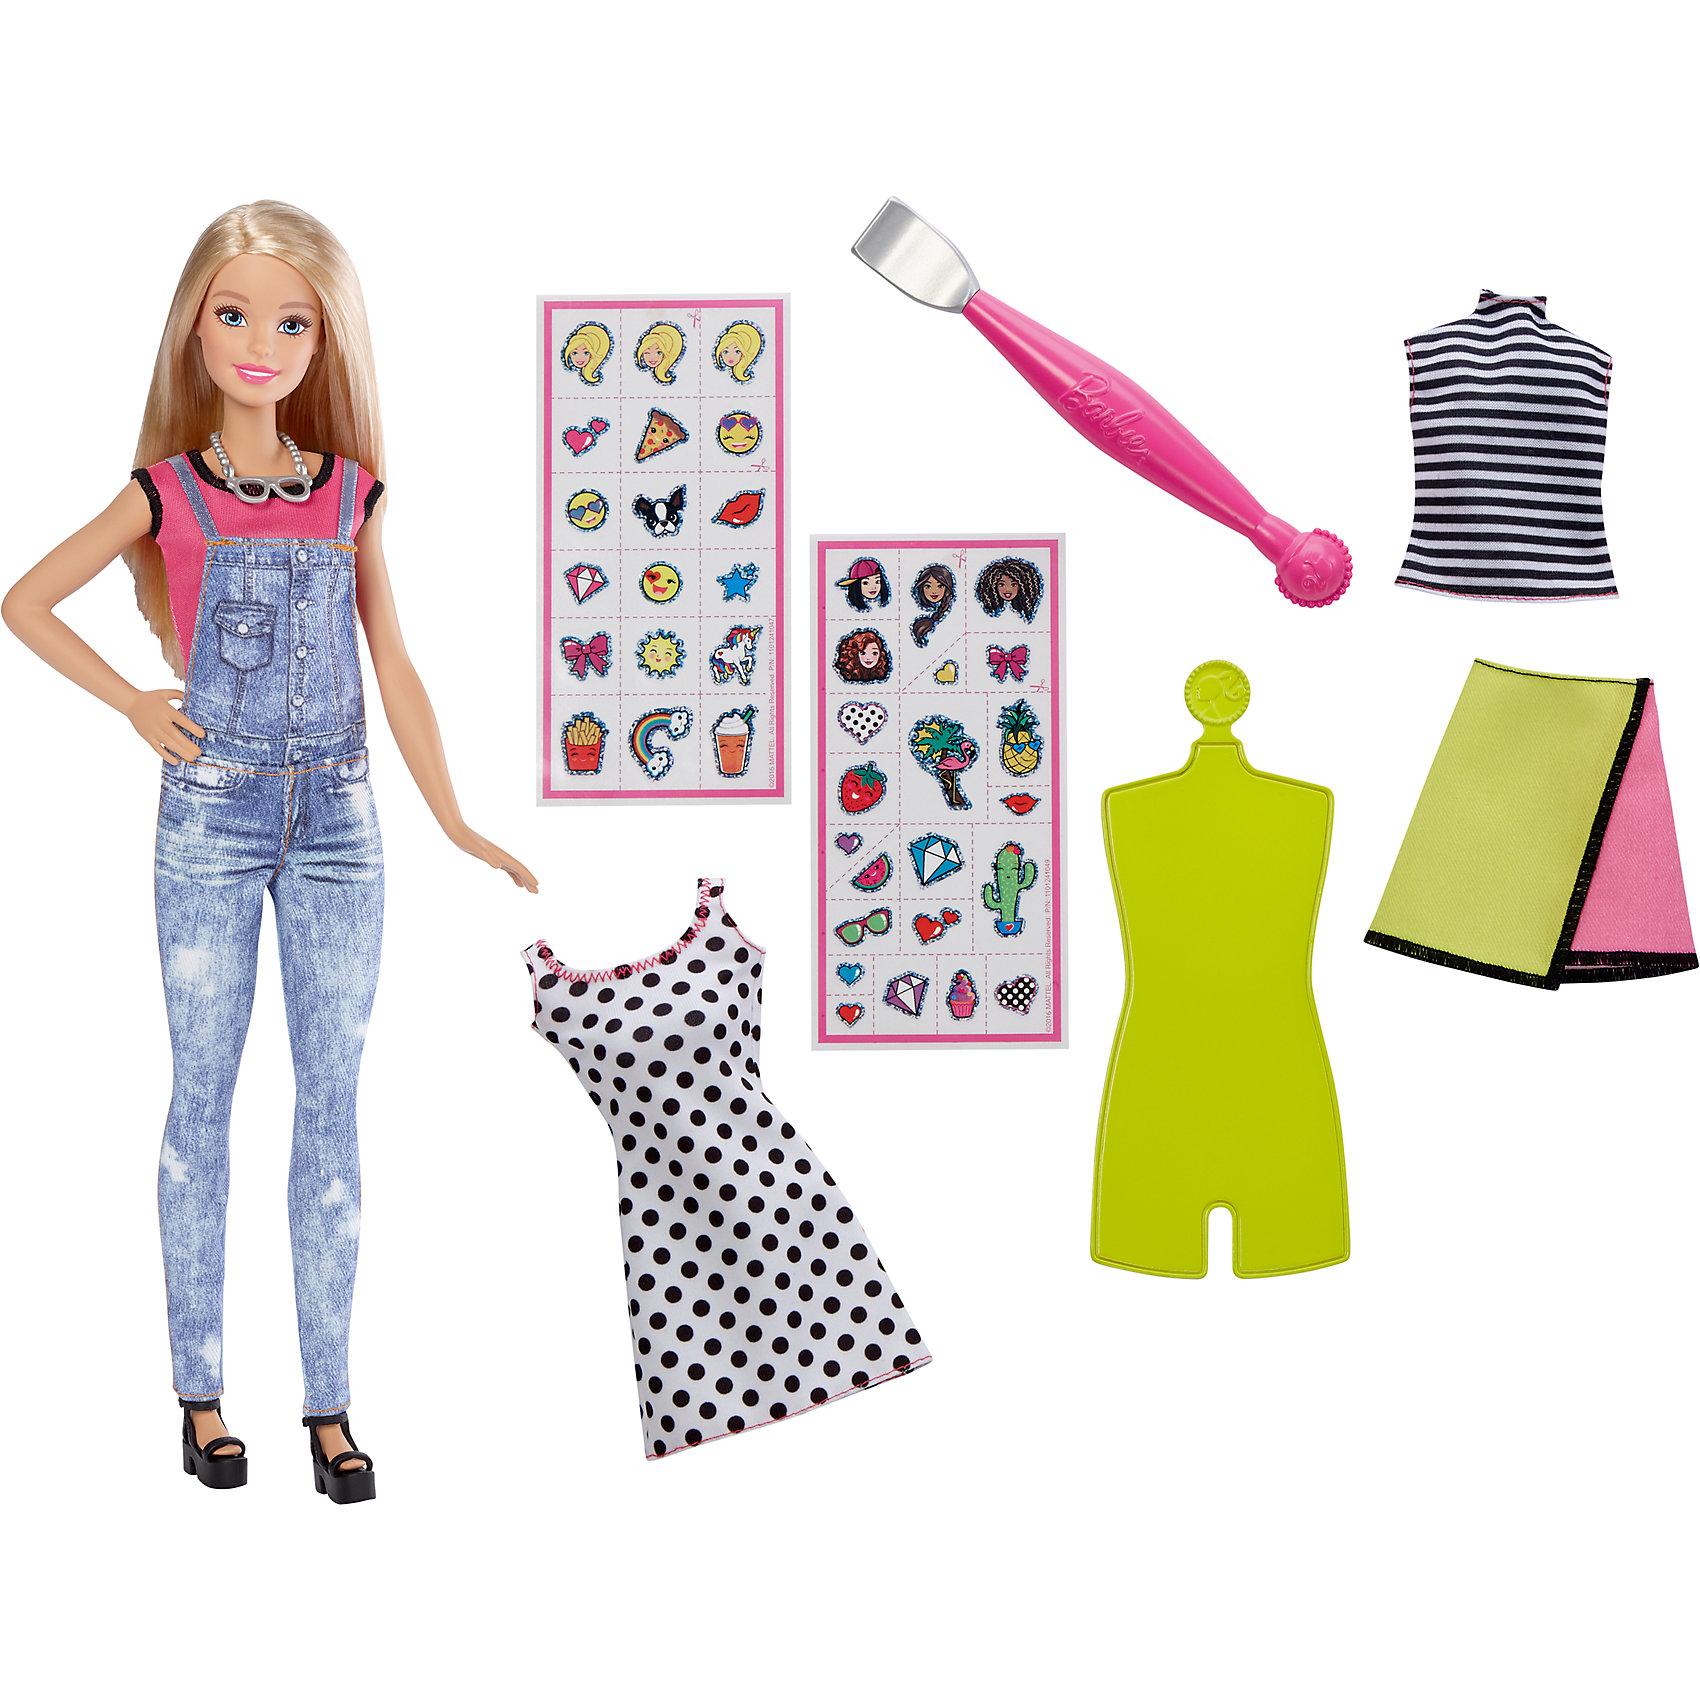 Игровой набор «EMOJI», BarbieПопулярные игрушки<br>Характеристики товара:<br><br>• комплектация: кукла, одежда, аксессуары, наклейки<br>• материал: пластик, текстиль<br>• серия: EMOJI<br>• руки, ноги гнутся<br>• высота куклы: 29 см<br>• возраст: от трех лет<br>• размер упаковки: 23x6x33 см<br>• вес: 0,3 кг<br>• страна бренда: США<br><br>Невероятно модный образ куклы порадует маленьких любительниц стильных и необычных нарядов. Стильный наряд куклы дополняет дополнительный набор одежды. обувь и аксессуары. Длинные волосы позволяют делать разнообразные прически! С помощью наклеек из набора одежду можно украшать разными принтами. Игровой набор «EMOJI» станет великолепным подарком для девочек, которые следят за модными тенденциями.<br><br>Такие куклы помогают развить у девочек вкус и чувство стиля, отработать сценарии поведения в обществе, развить воображение и мелкую моторику. Барби от бренда Mattel не перестает быть популярной! <br><br>Игровой набор «EMOJI», Barbie, от компании Mattel можно купить в нашем интернет-магазине.<br><br>Ширина мм: 329<br>Глубина мм: 229<br>Высота мм: 60<br>Вес г: 280<br>Возраст от месяцев: 36<br>Возраст до месяцев: 72<br>Пол: Женский<br>Возраст: Детский<br>SKU: 5389667